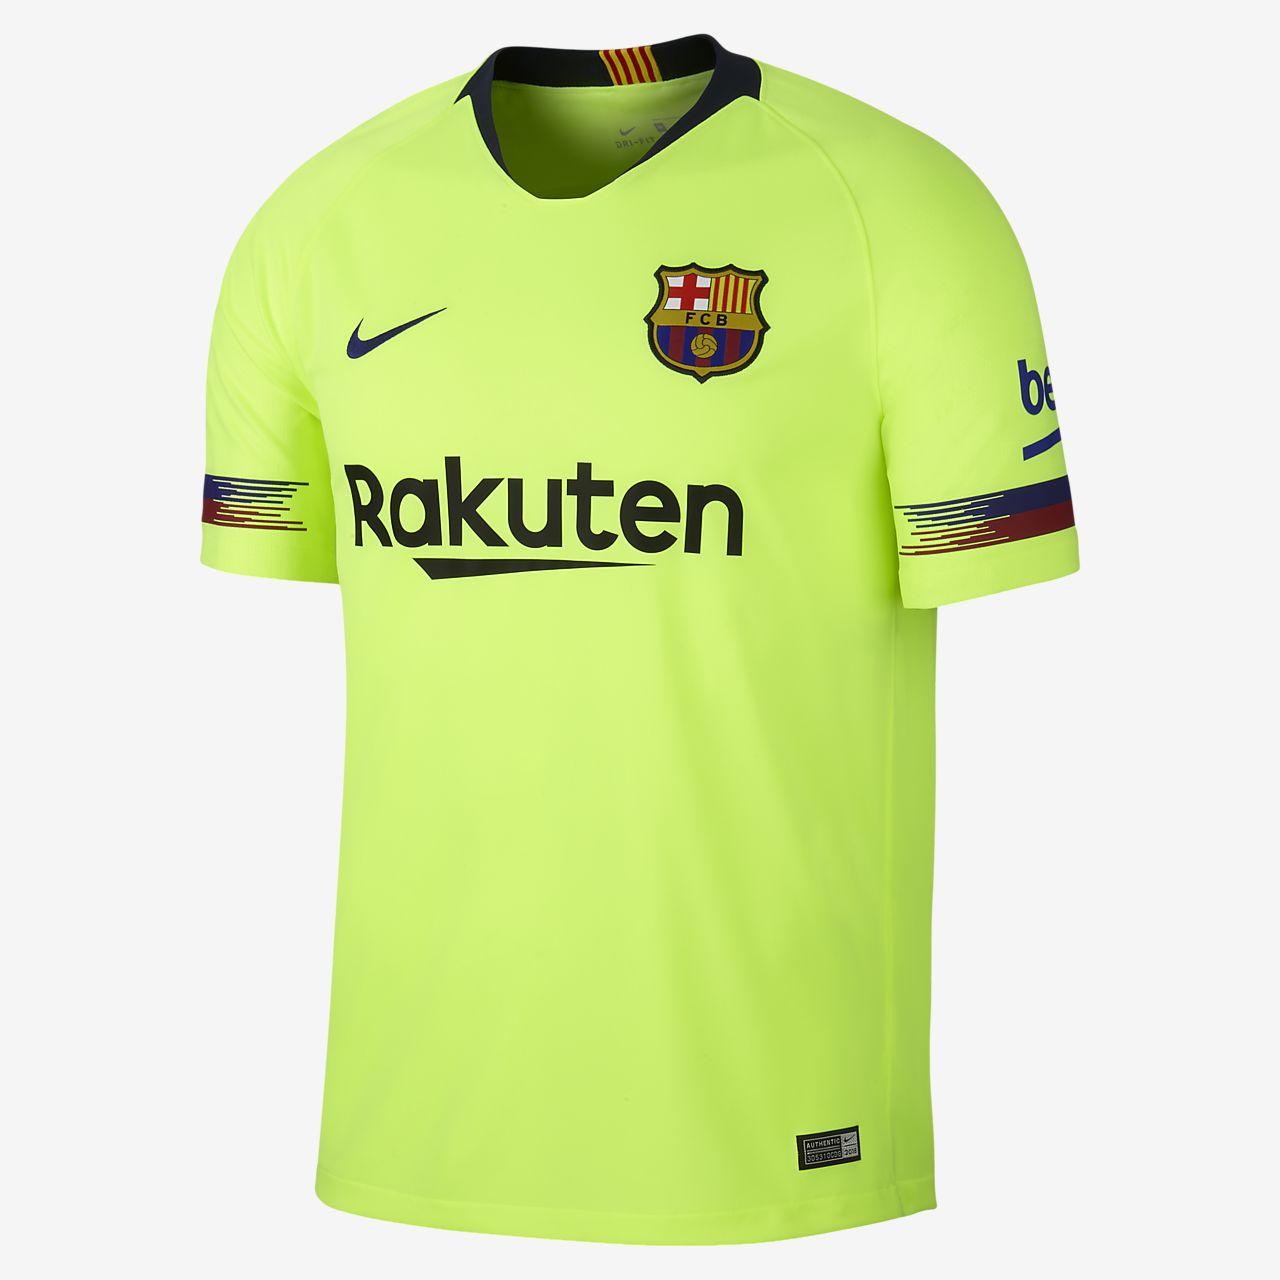 d3beb0dae ... Camiseta de fútbol para hombre de visitante Stadium del FC Barcelona  2018 19